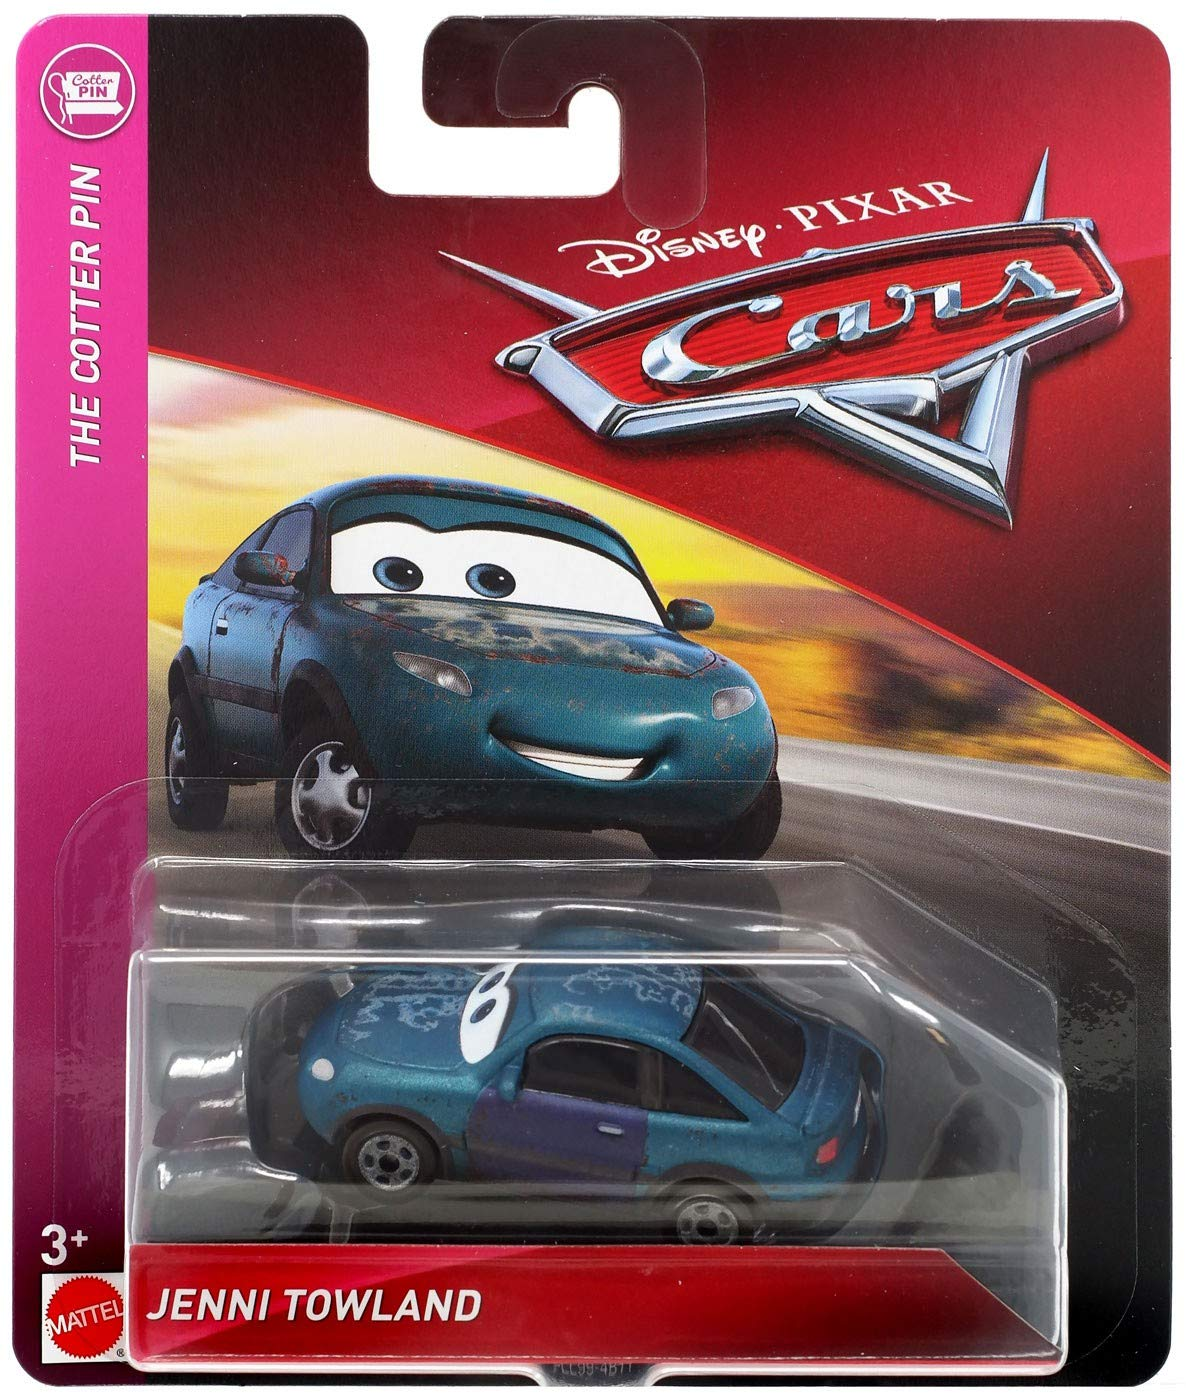 Disney Pixar Cars Die-Cast Cotter Pin Teal Sedan Vehicle